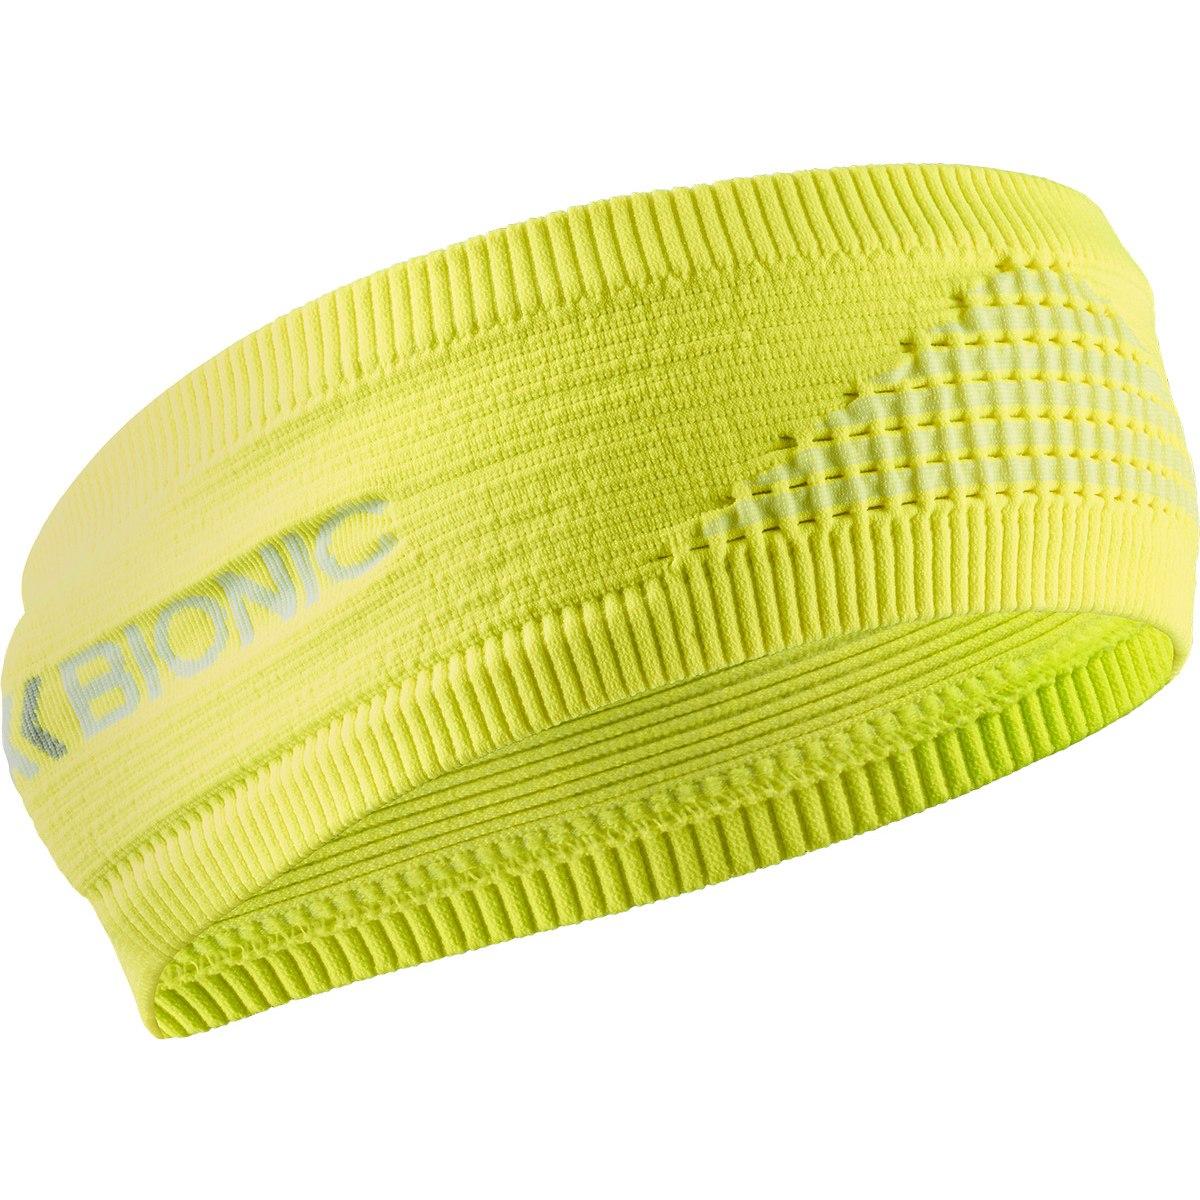 X-Bionic Headband 4.0 - phyton yellow/arctic white